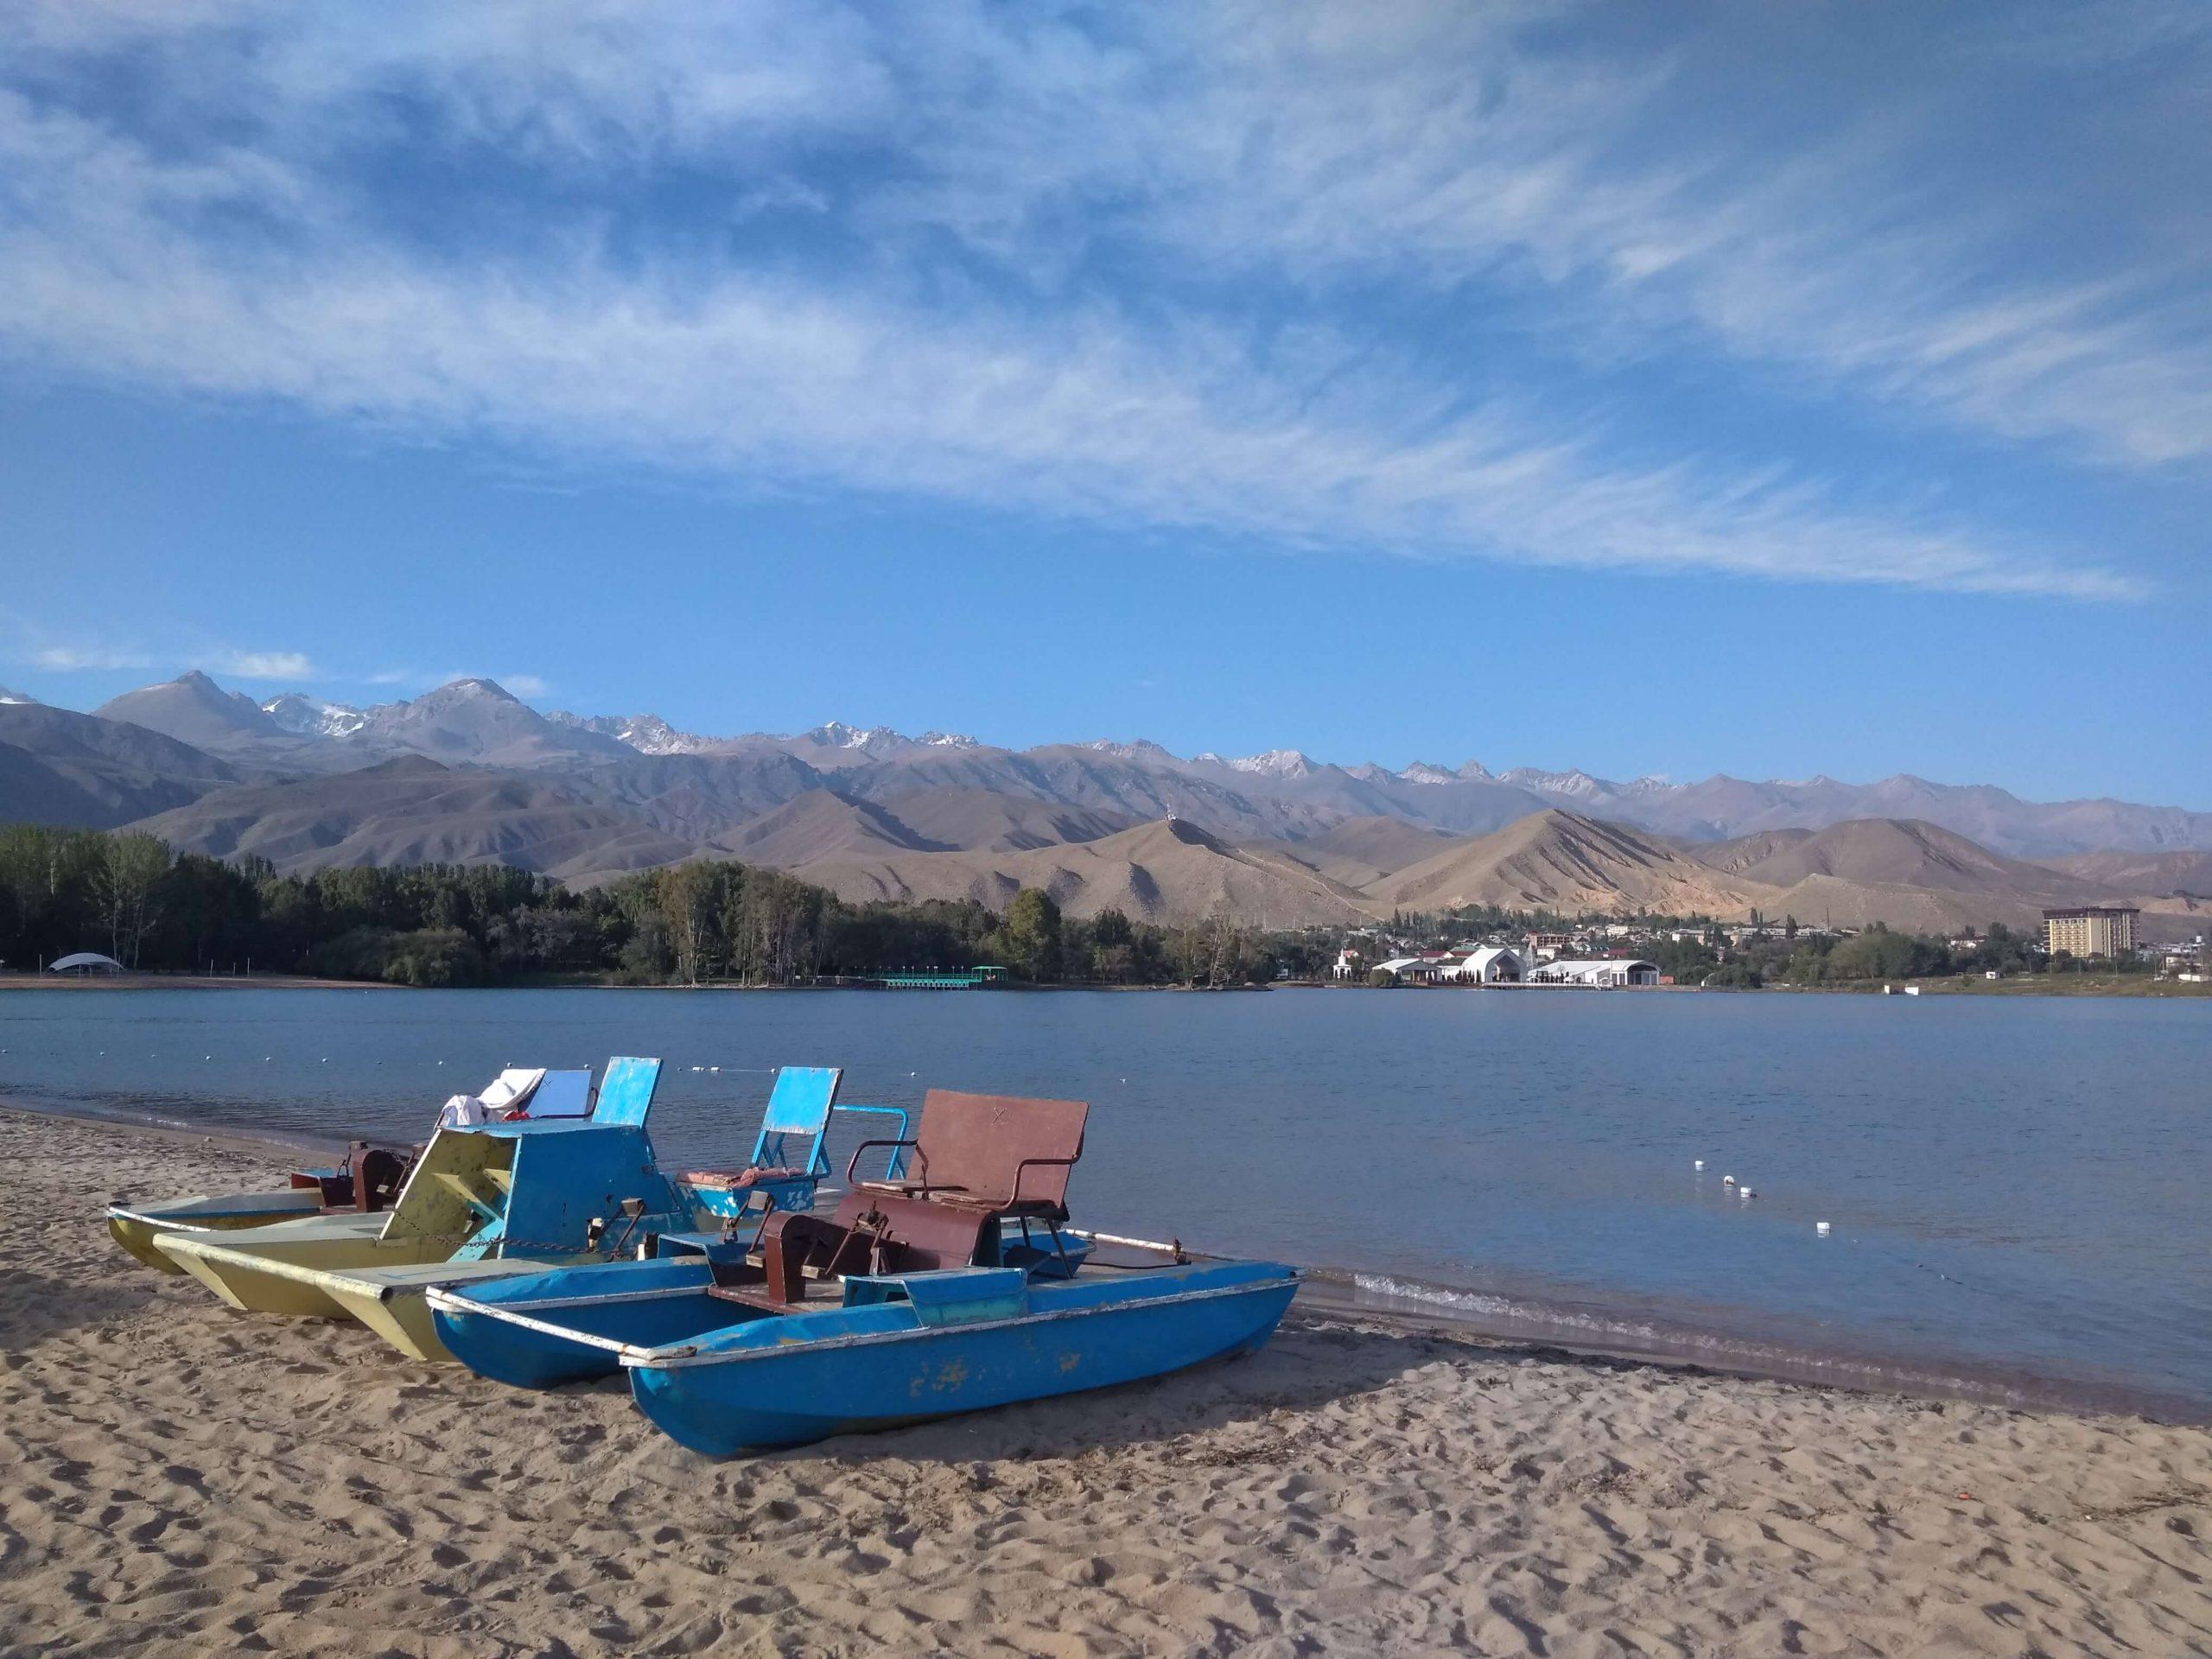 Barcas en el lago Issyk-Kul de Kirguistán